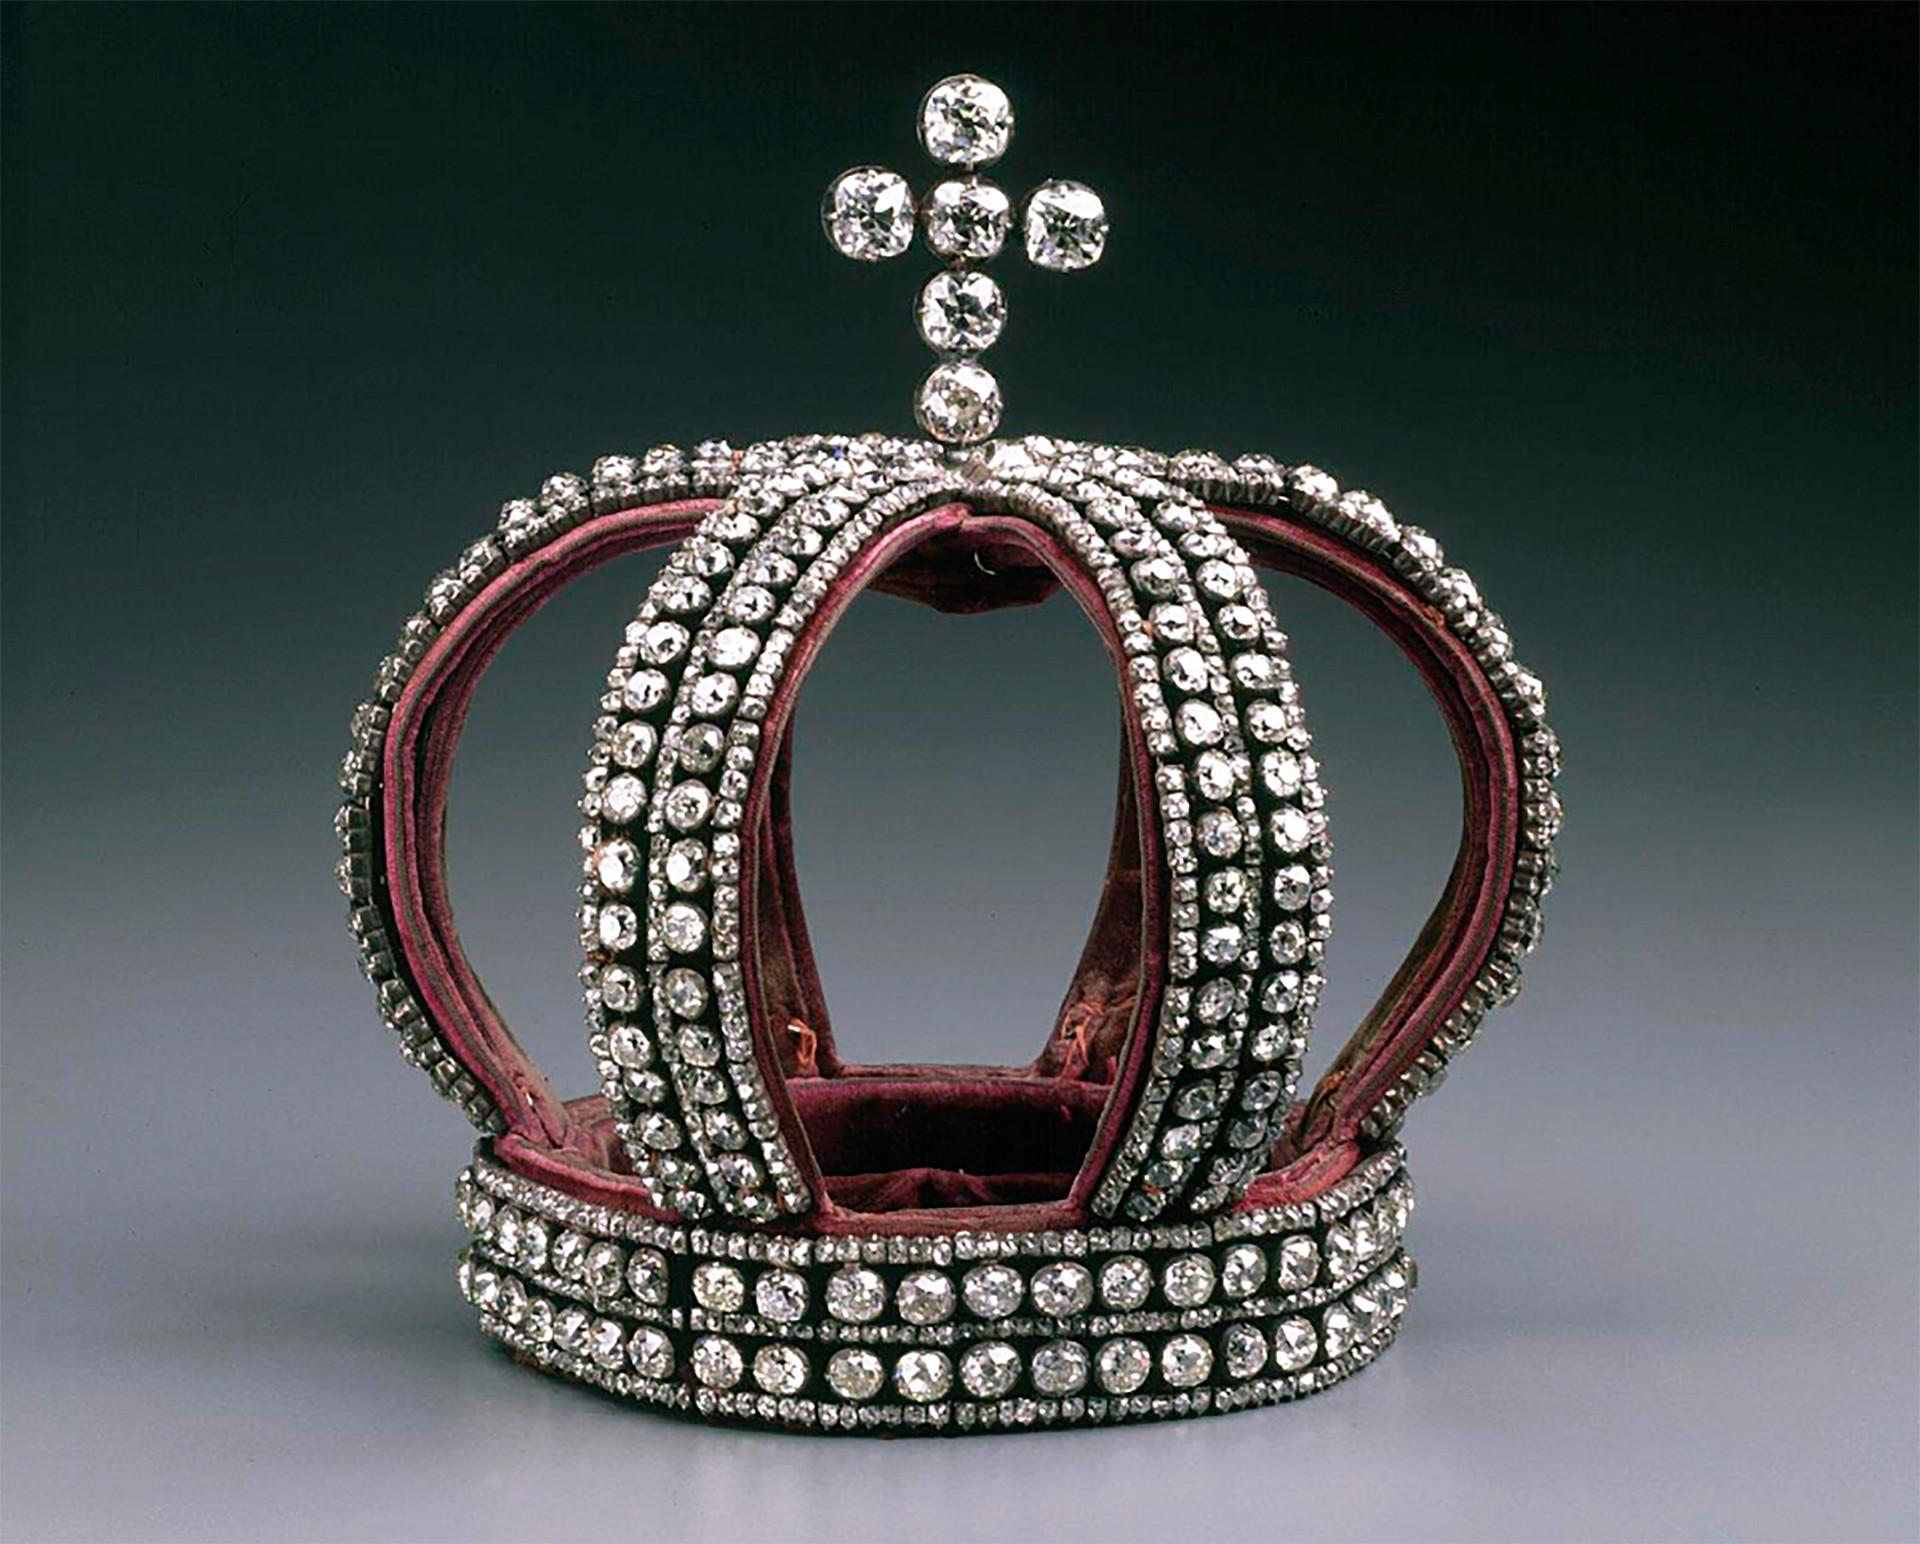 A coroa de casamento russa.